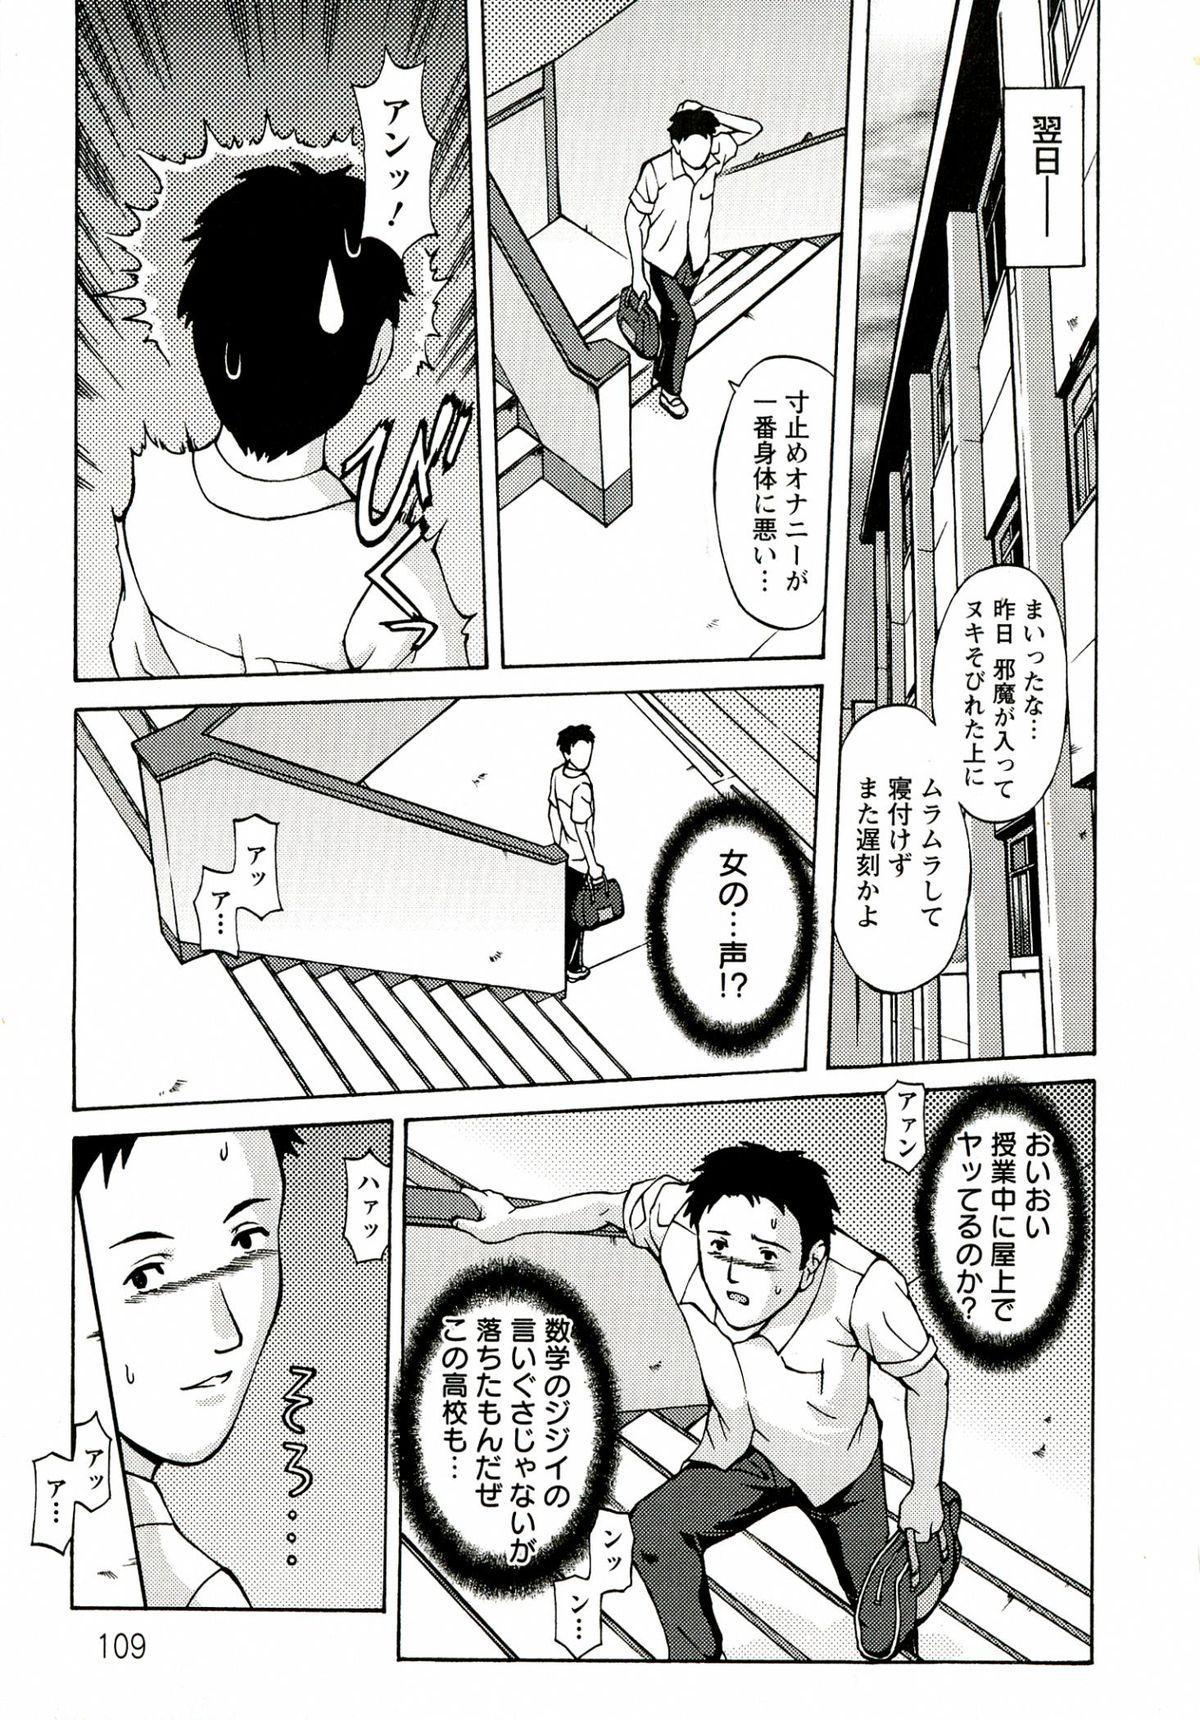 Kinpatsu Prison 108